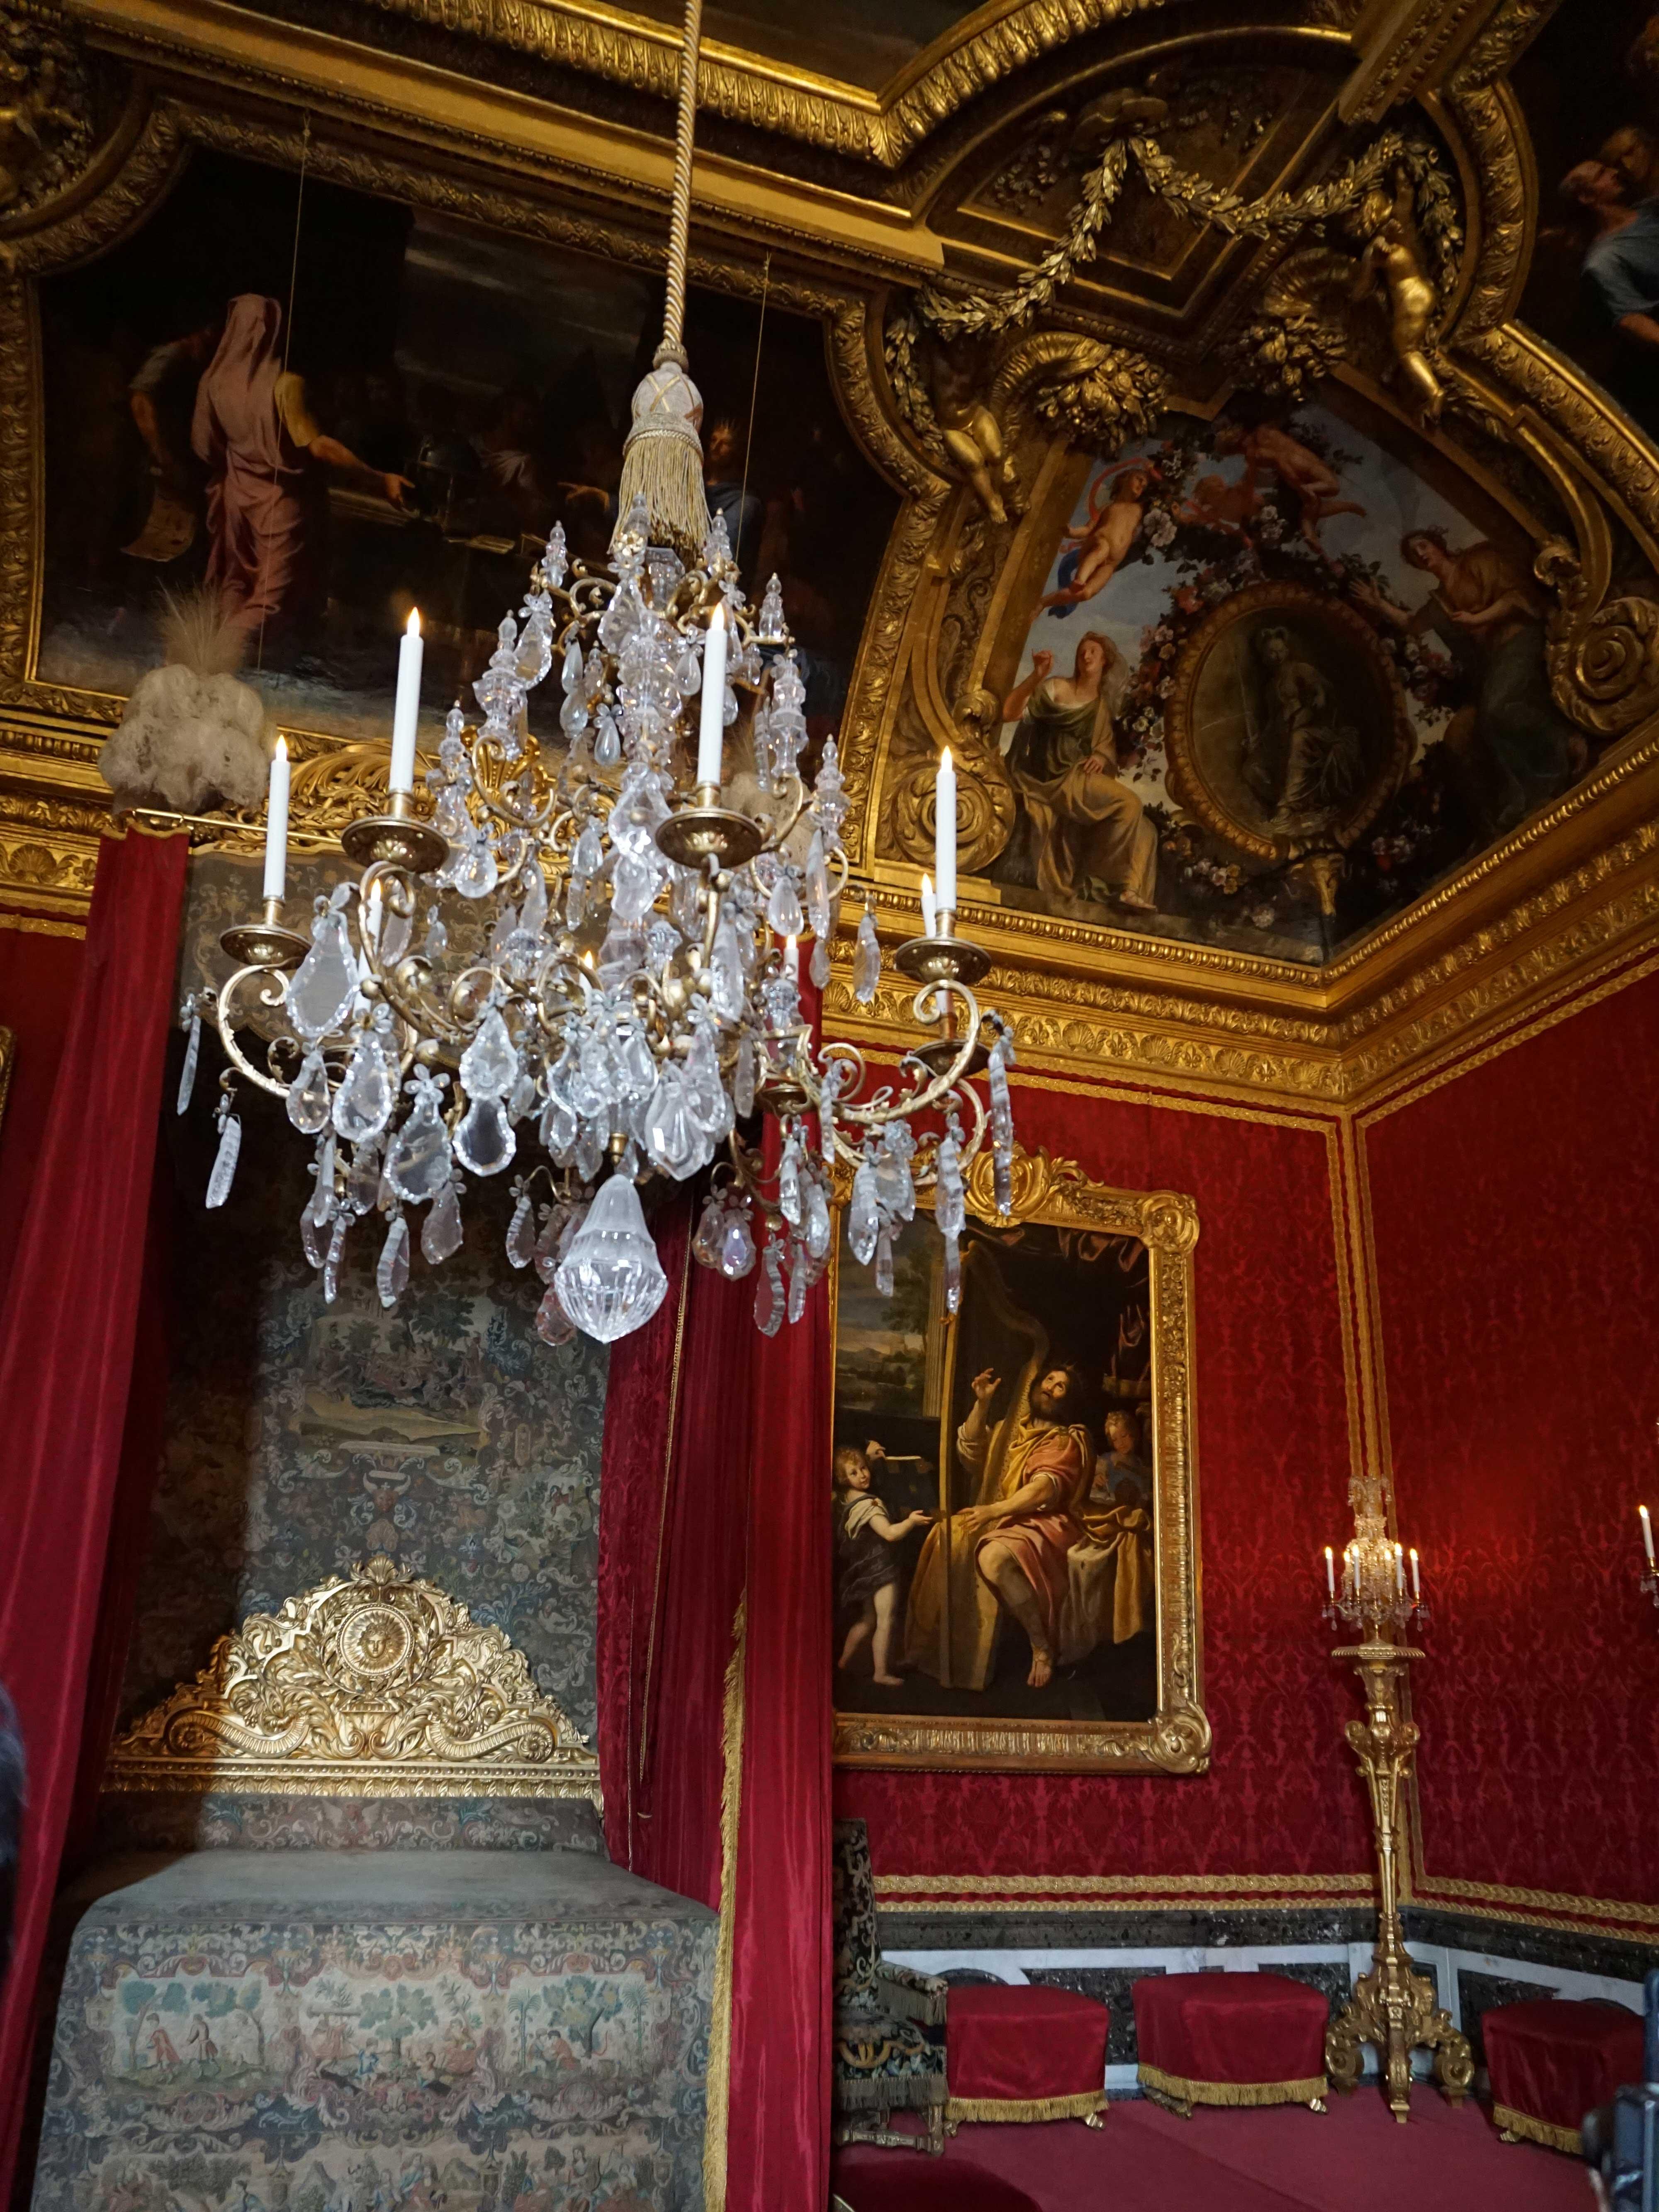 ヴェルサイユ宮殿、メルクリウスの間